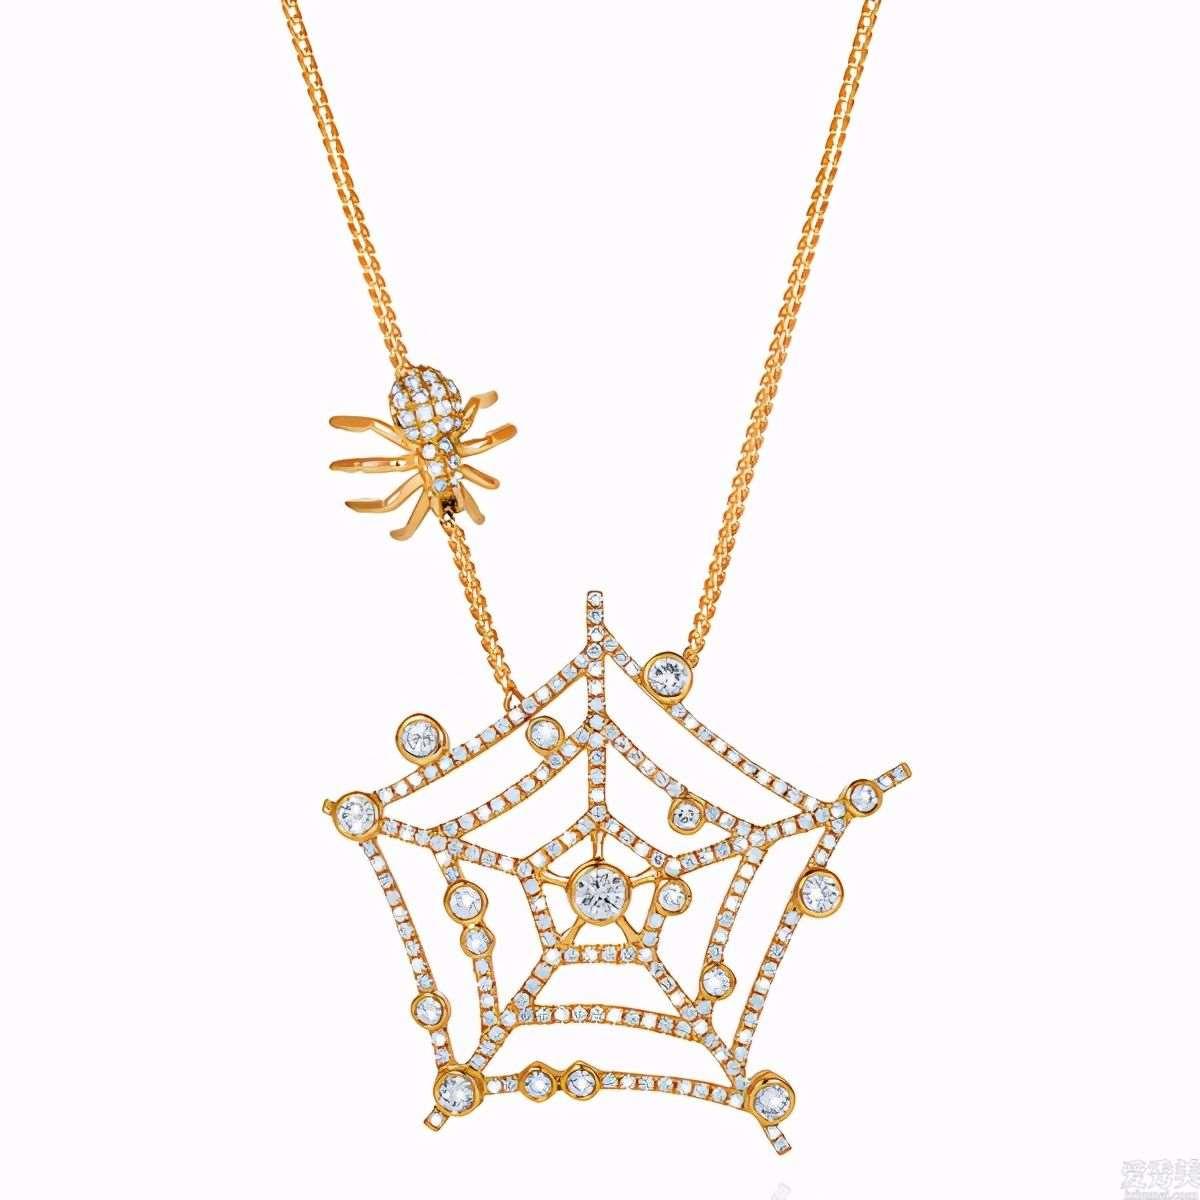 """万圣夜的珠宝饰品经典著作中,有一把出色的""""出血匕首"""""""